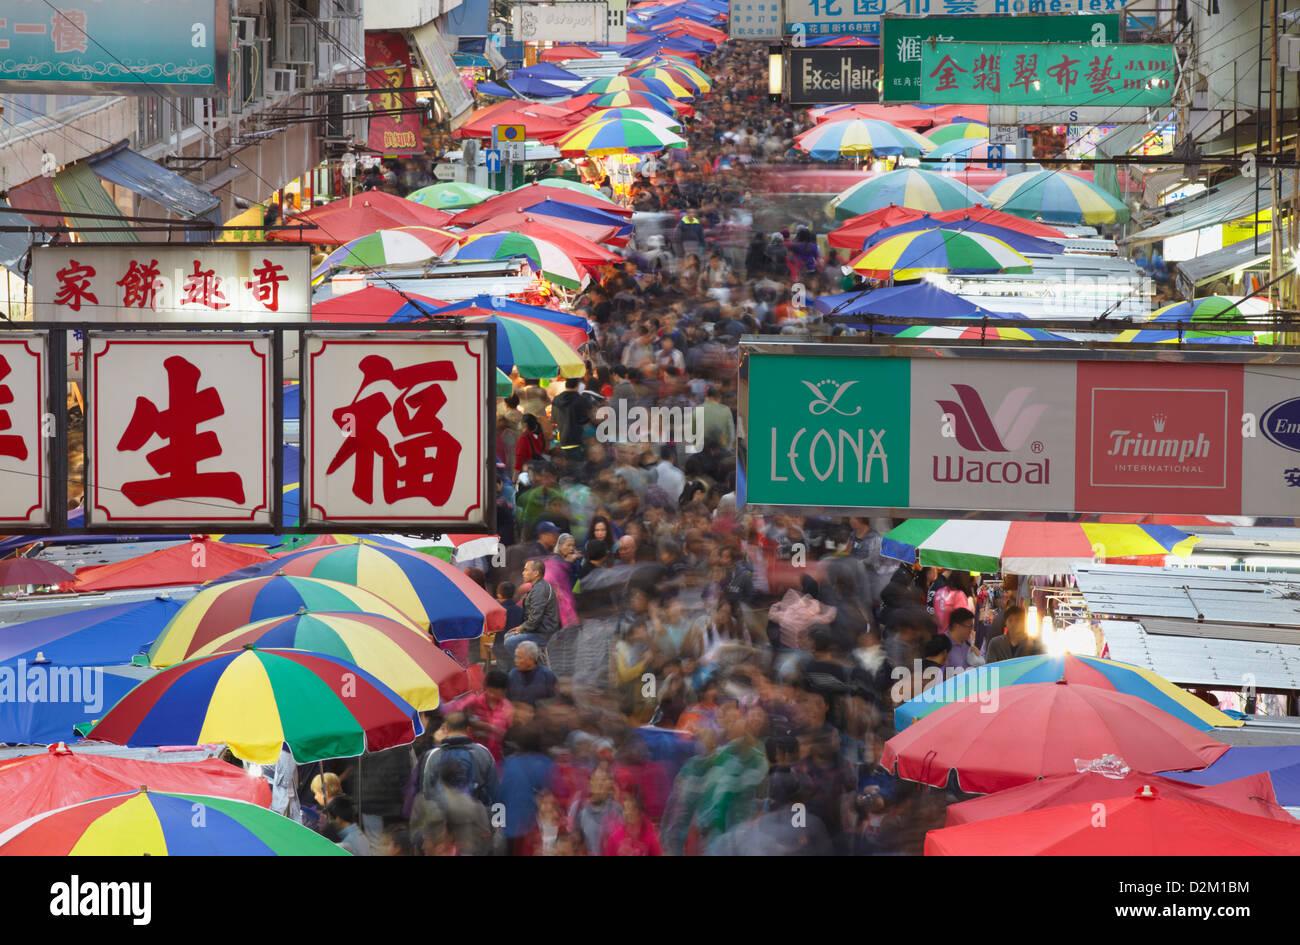 Crowds at Fa Yuen Street Market, Mongkok, Hong Kong, China - Stock Image